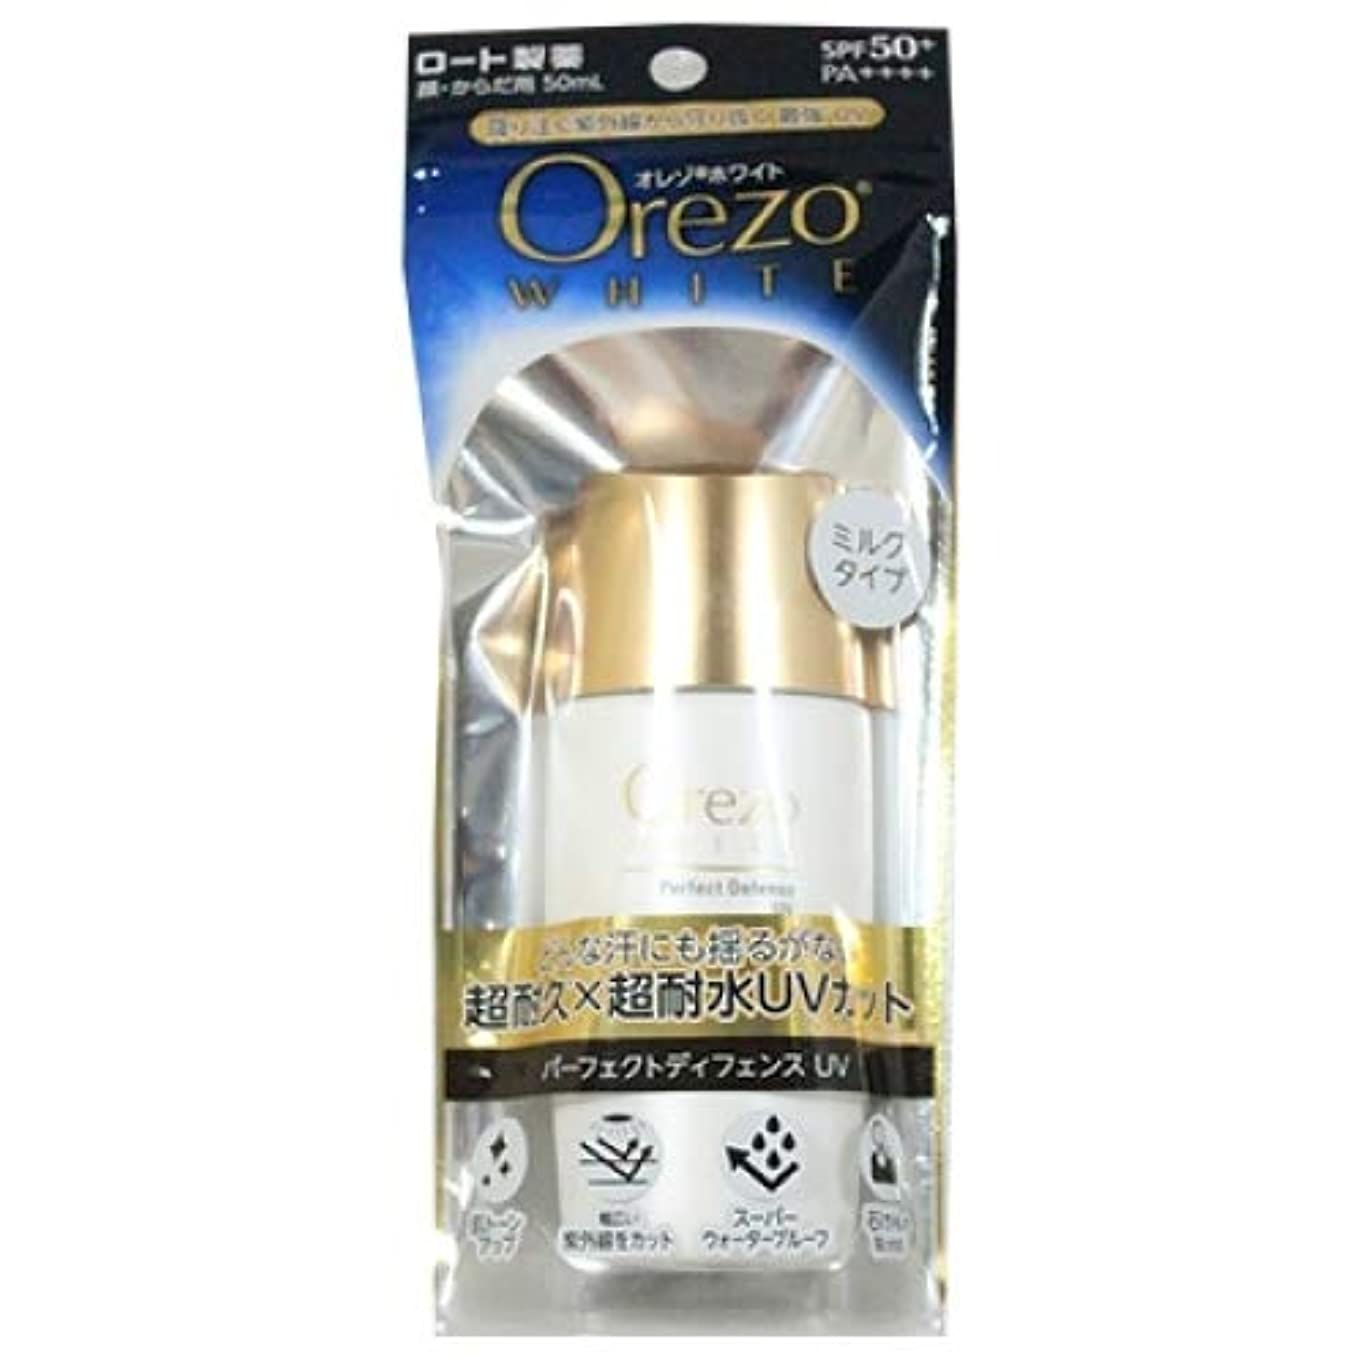 肉腫サミュエル意味するロート製薬 Orezo オレゾ ホワイト パーフェクトディフェンスUVa SPF50+ PA++++ (50mL)